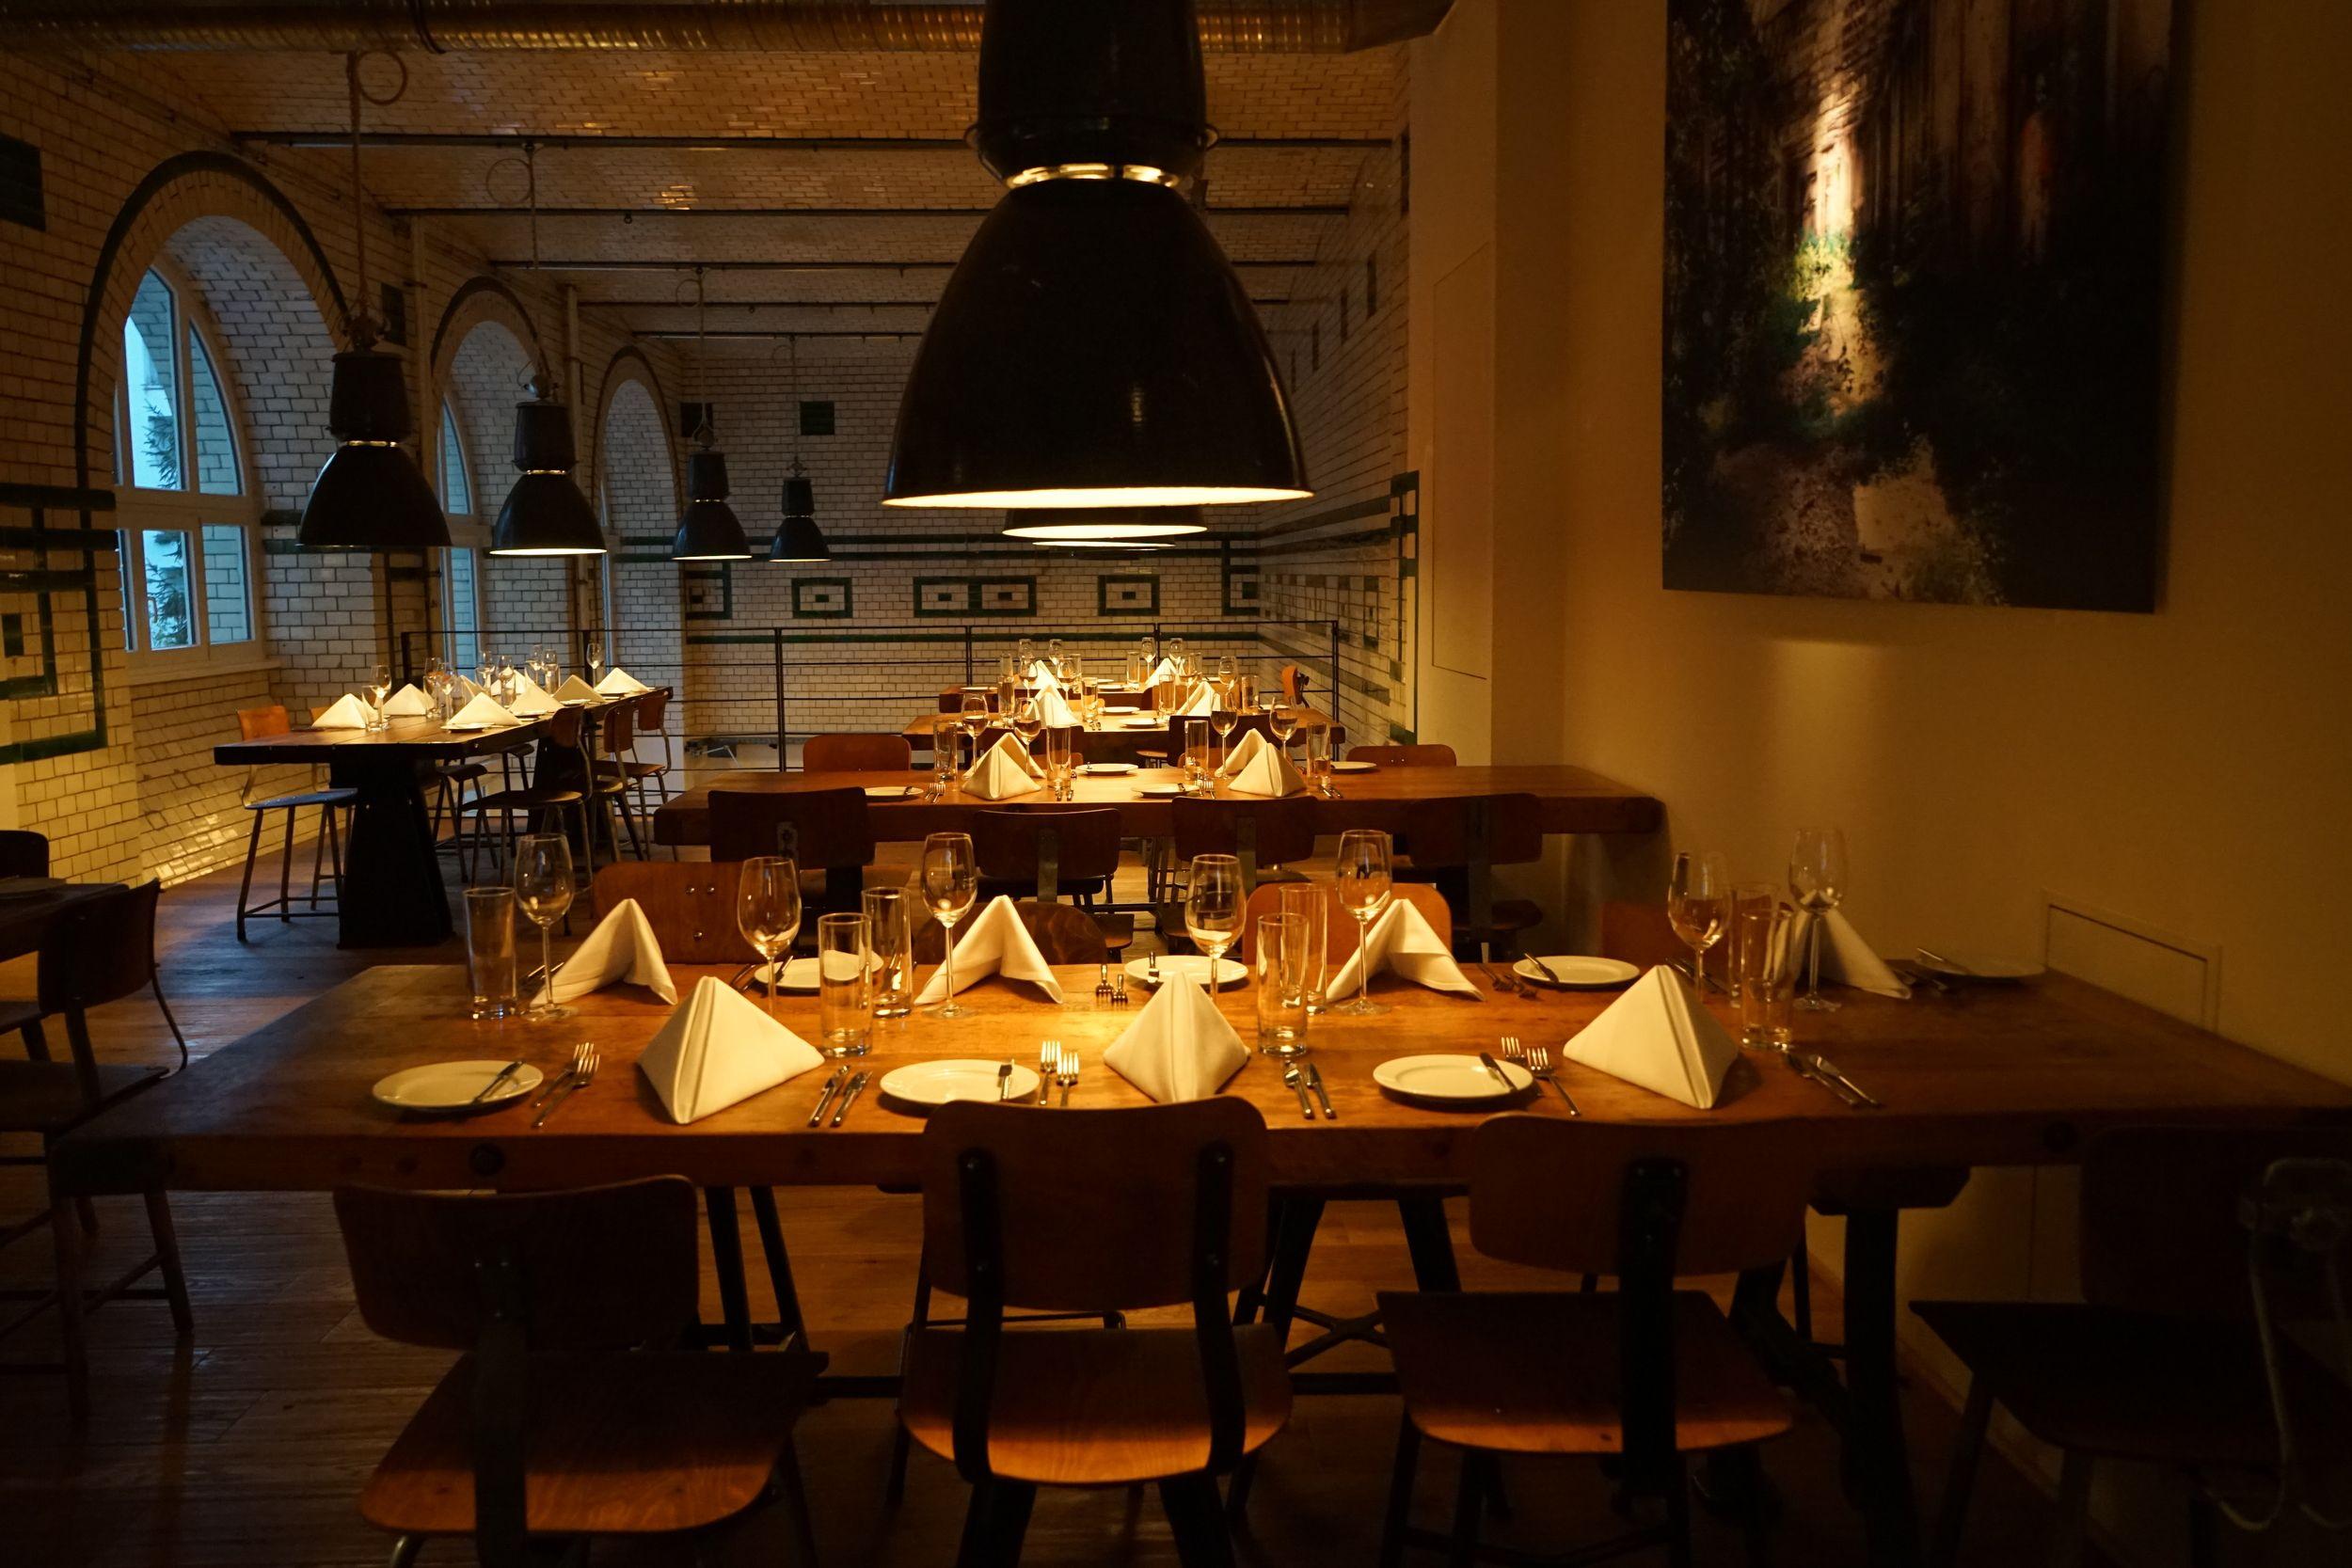 Restaurant Cafe Restaurant Deutsche Kuche Berlin